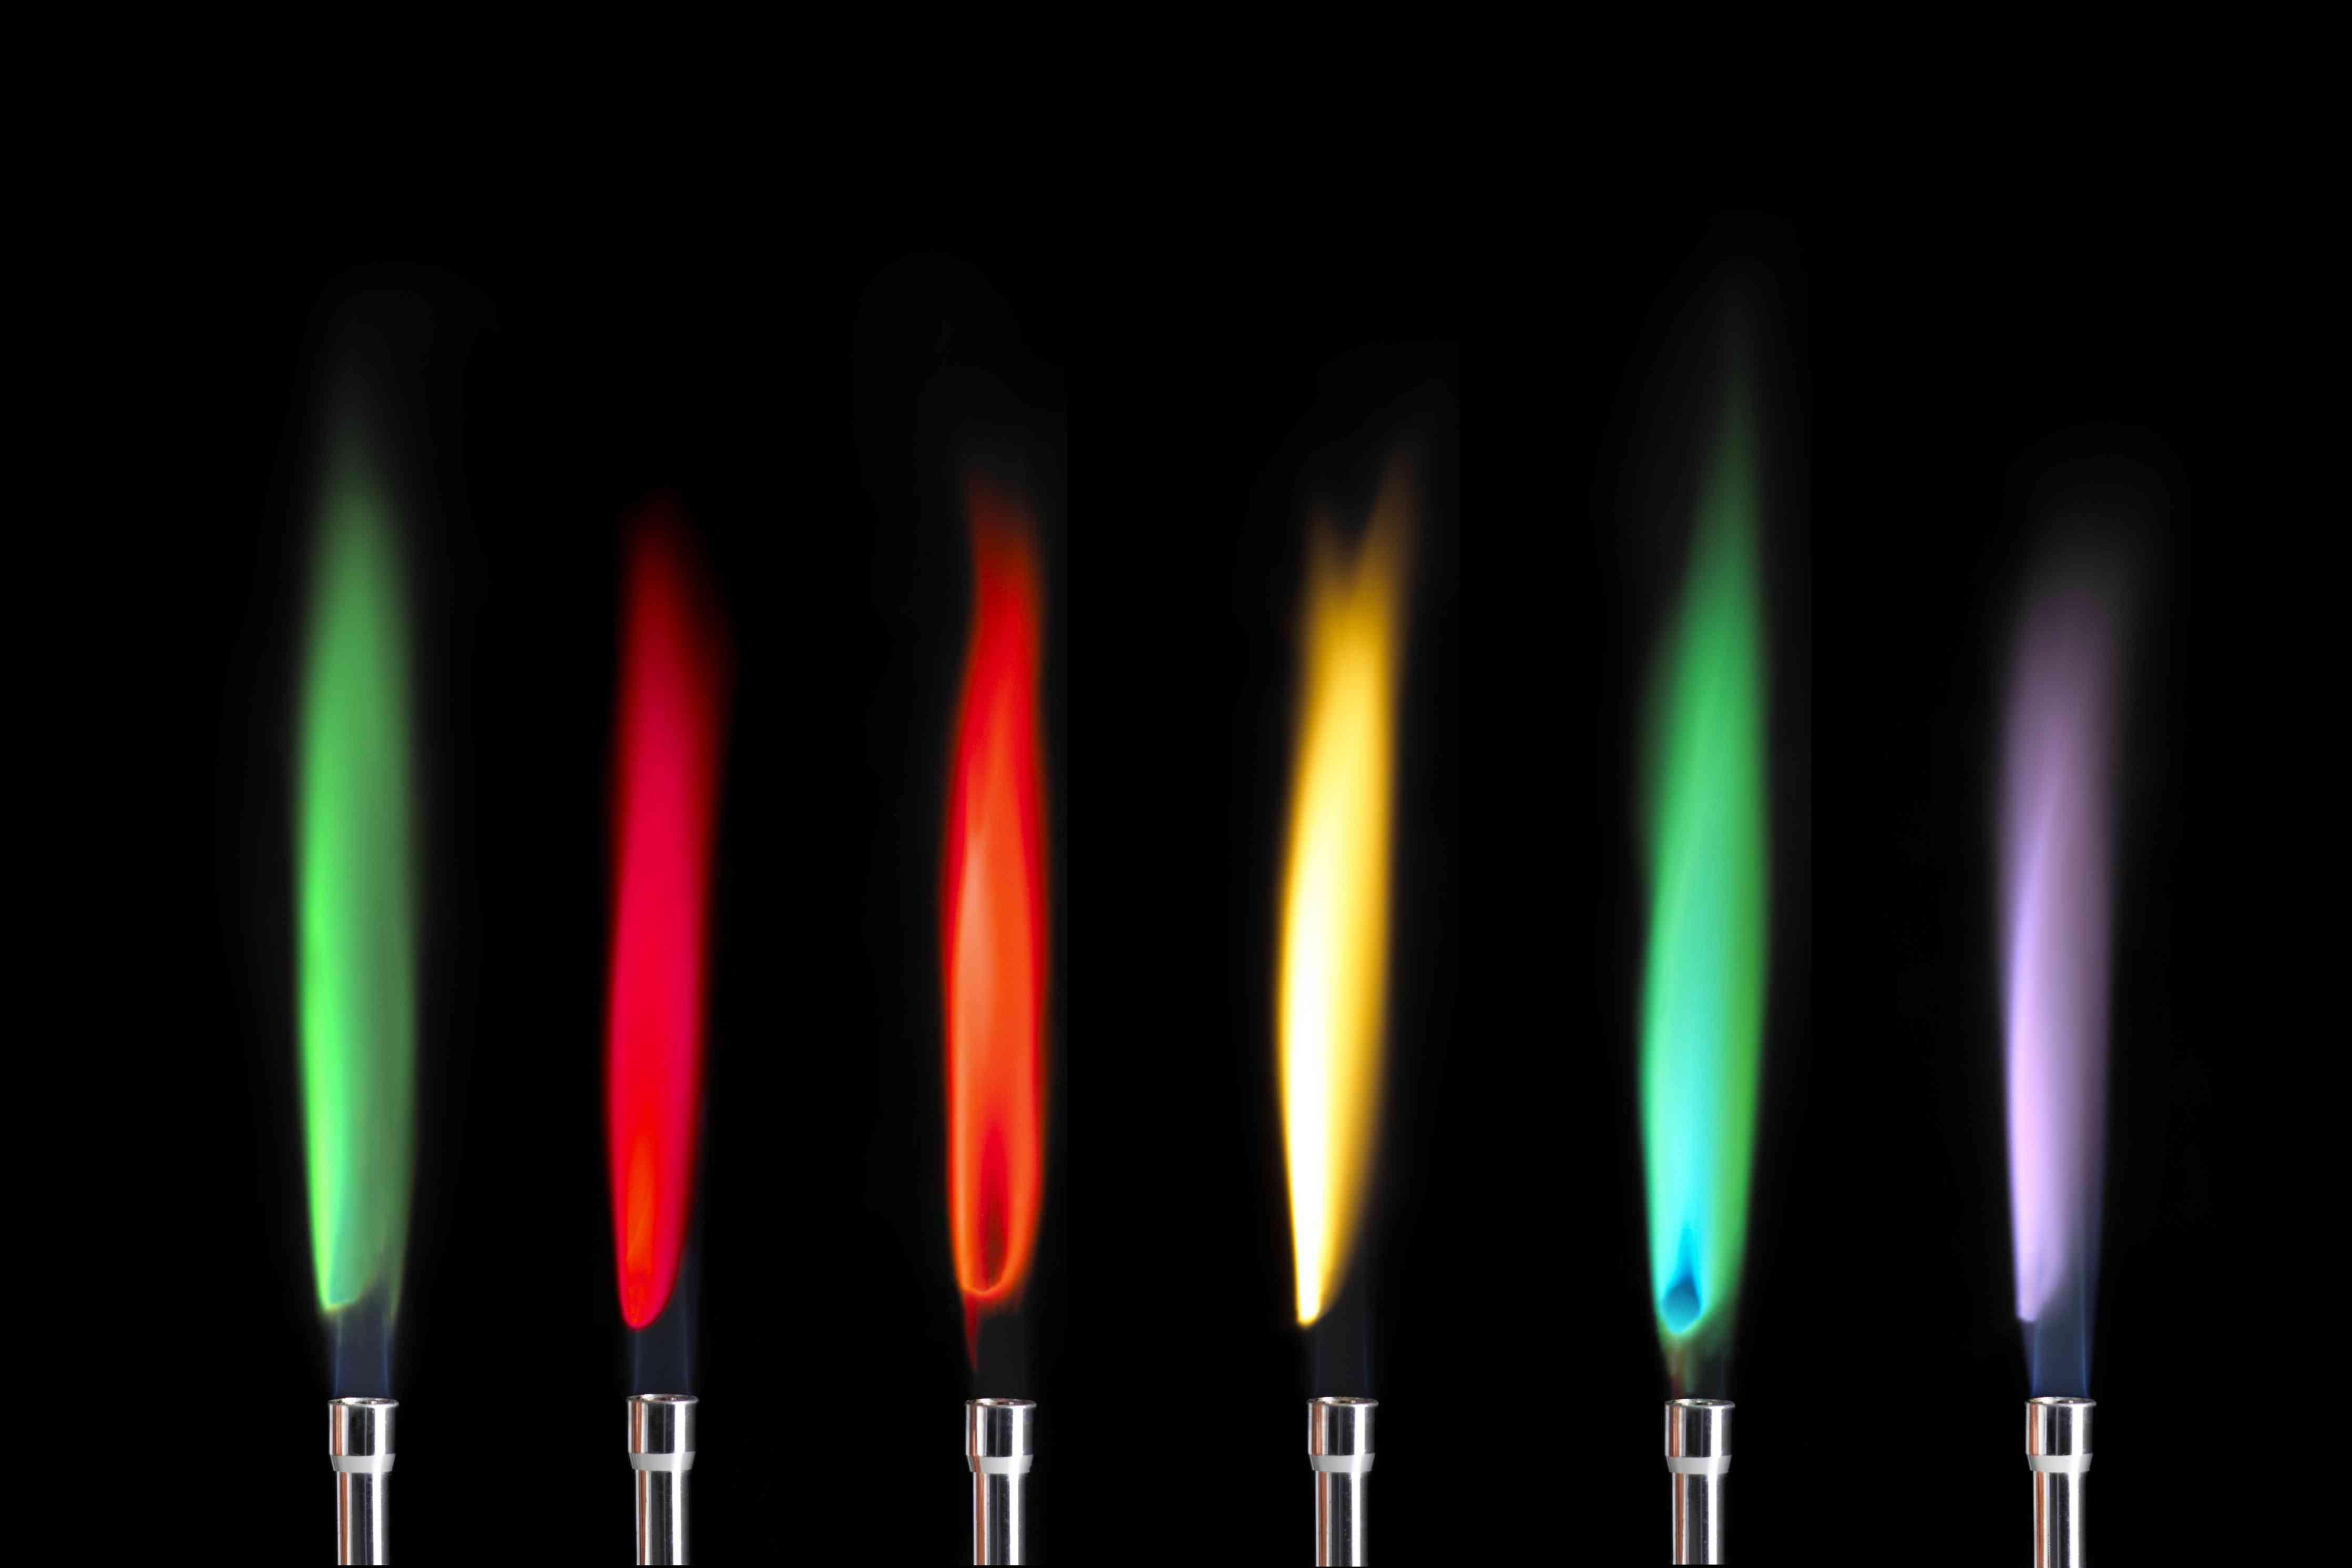 Газ горит красным пламенем что делать. почему пламя в газовой колонке горит разными цветами? синий - правильный цвет при горении газа